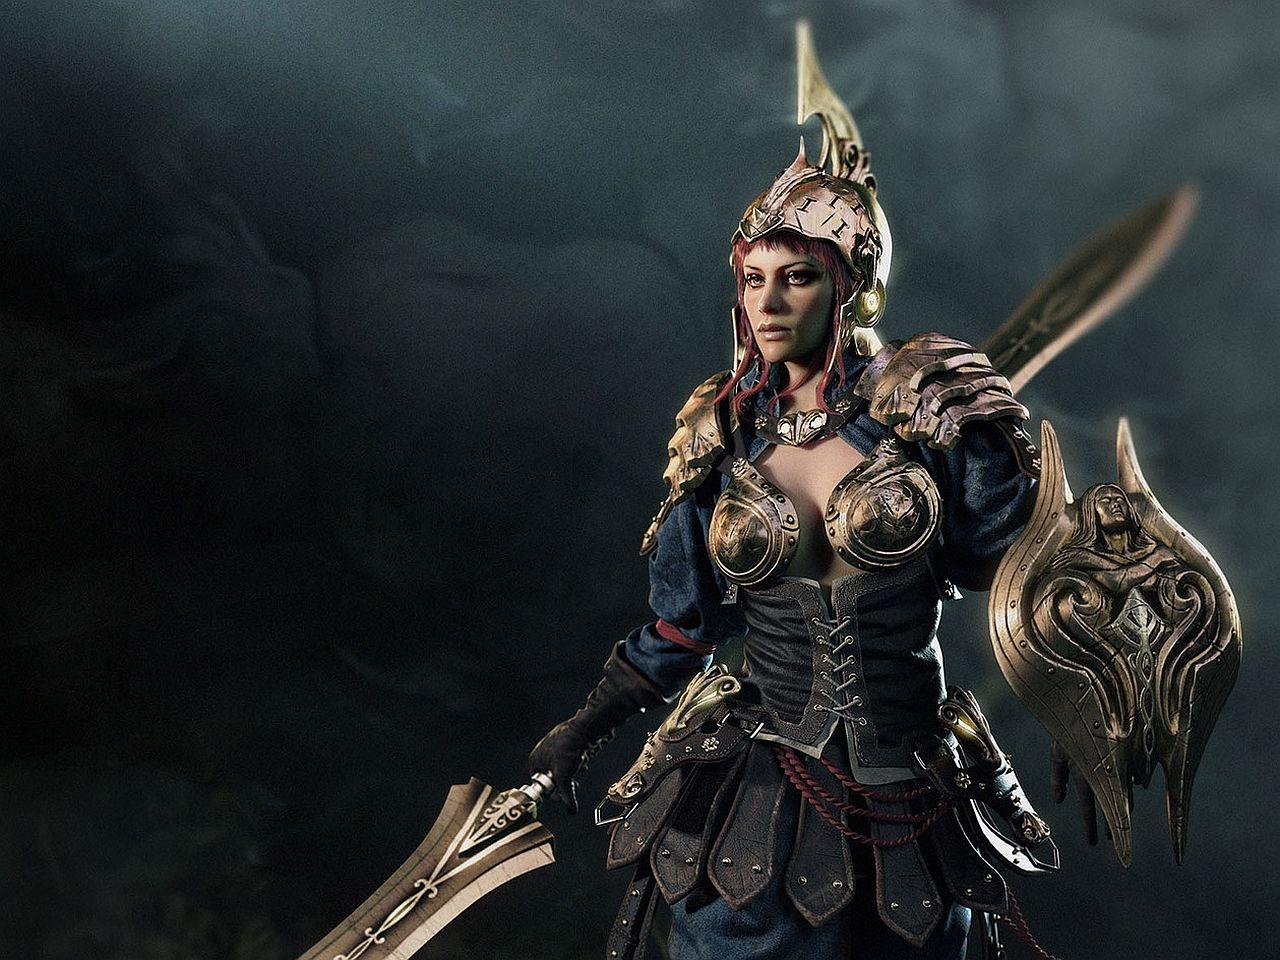 Fantasy Art Women Warriors | Kriegerin Computer Wallpapers, Desktop Backgrounds 1280x960 Id: 384083